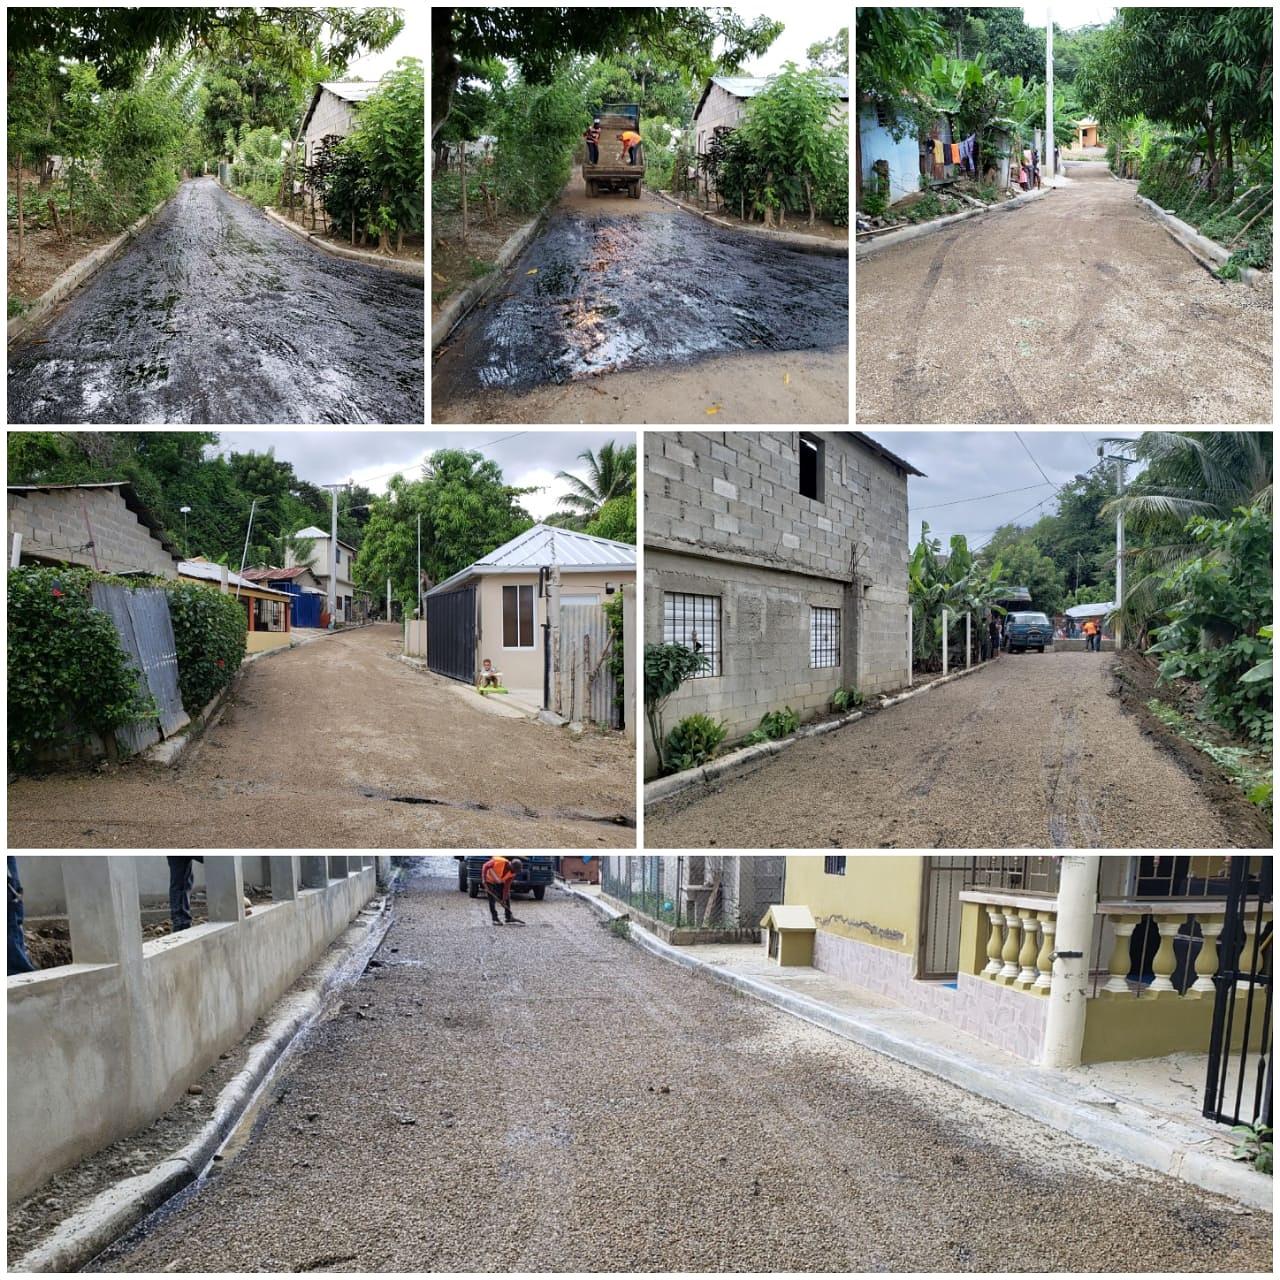 La Alcaldía de continua su programa de preparación e imprimación de calles para seguir logrando el asfalto a todas las comunidades del municipio.